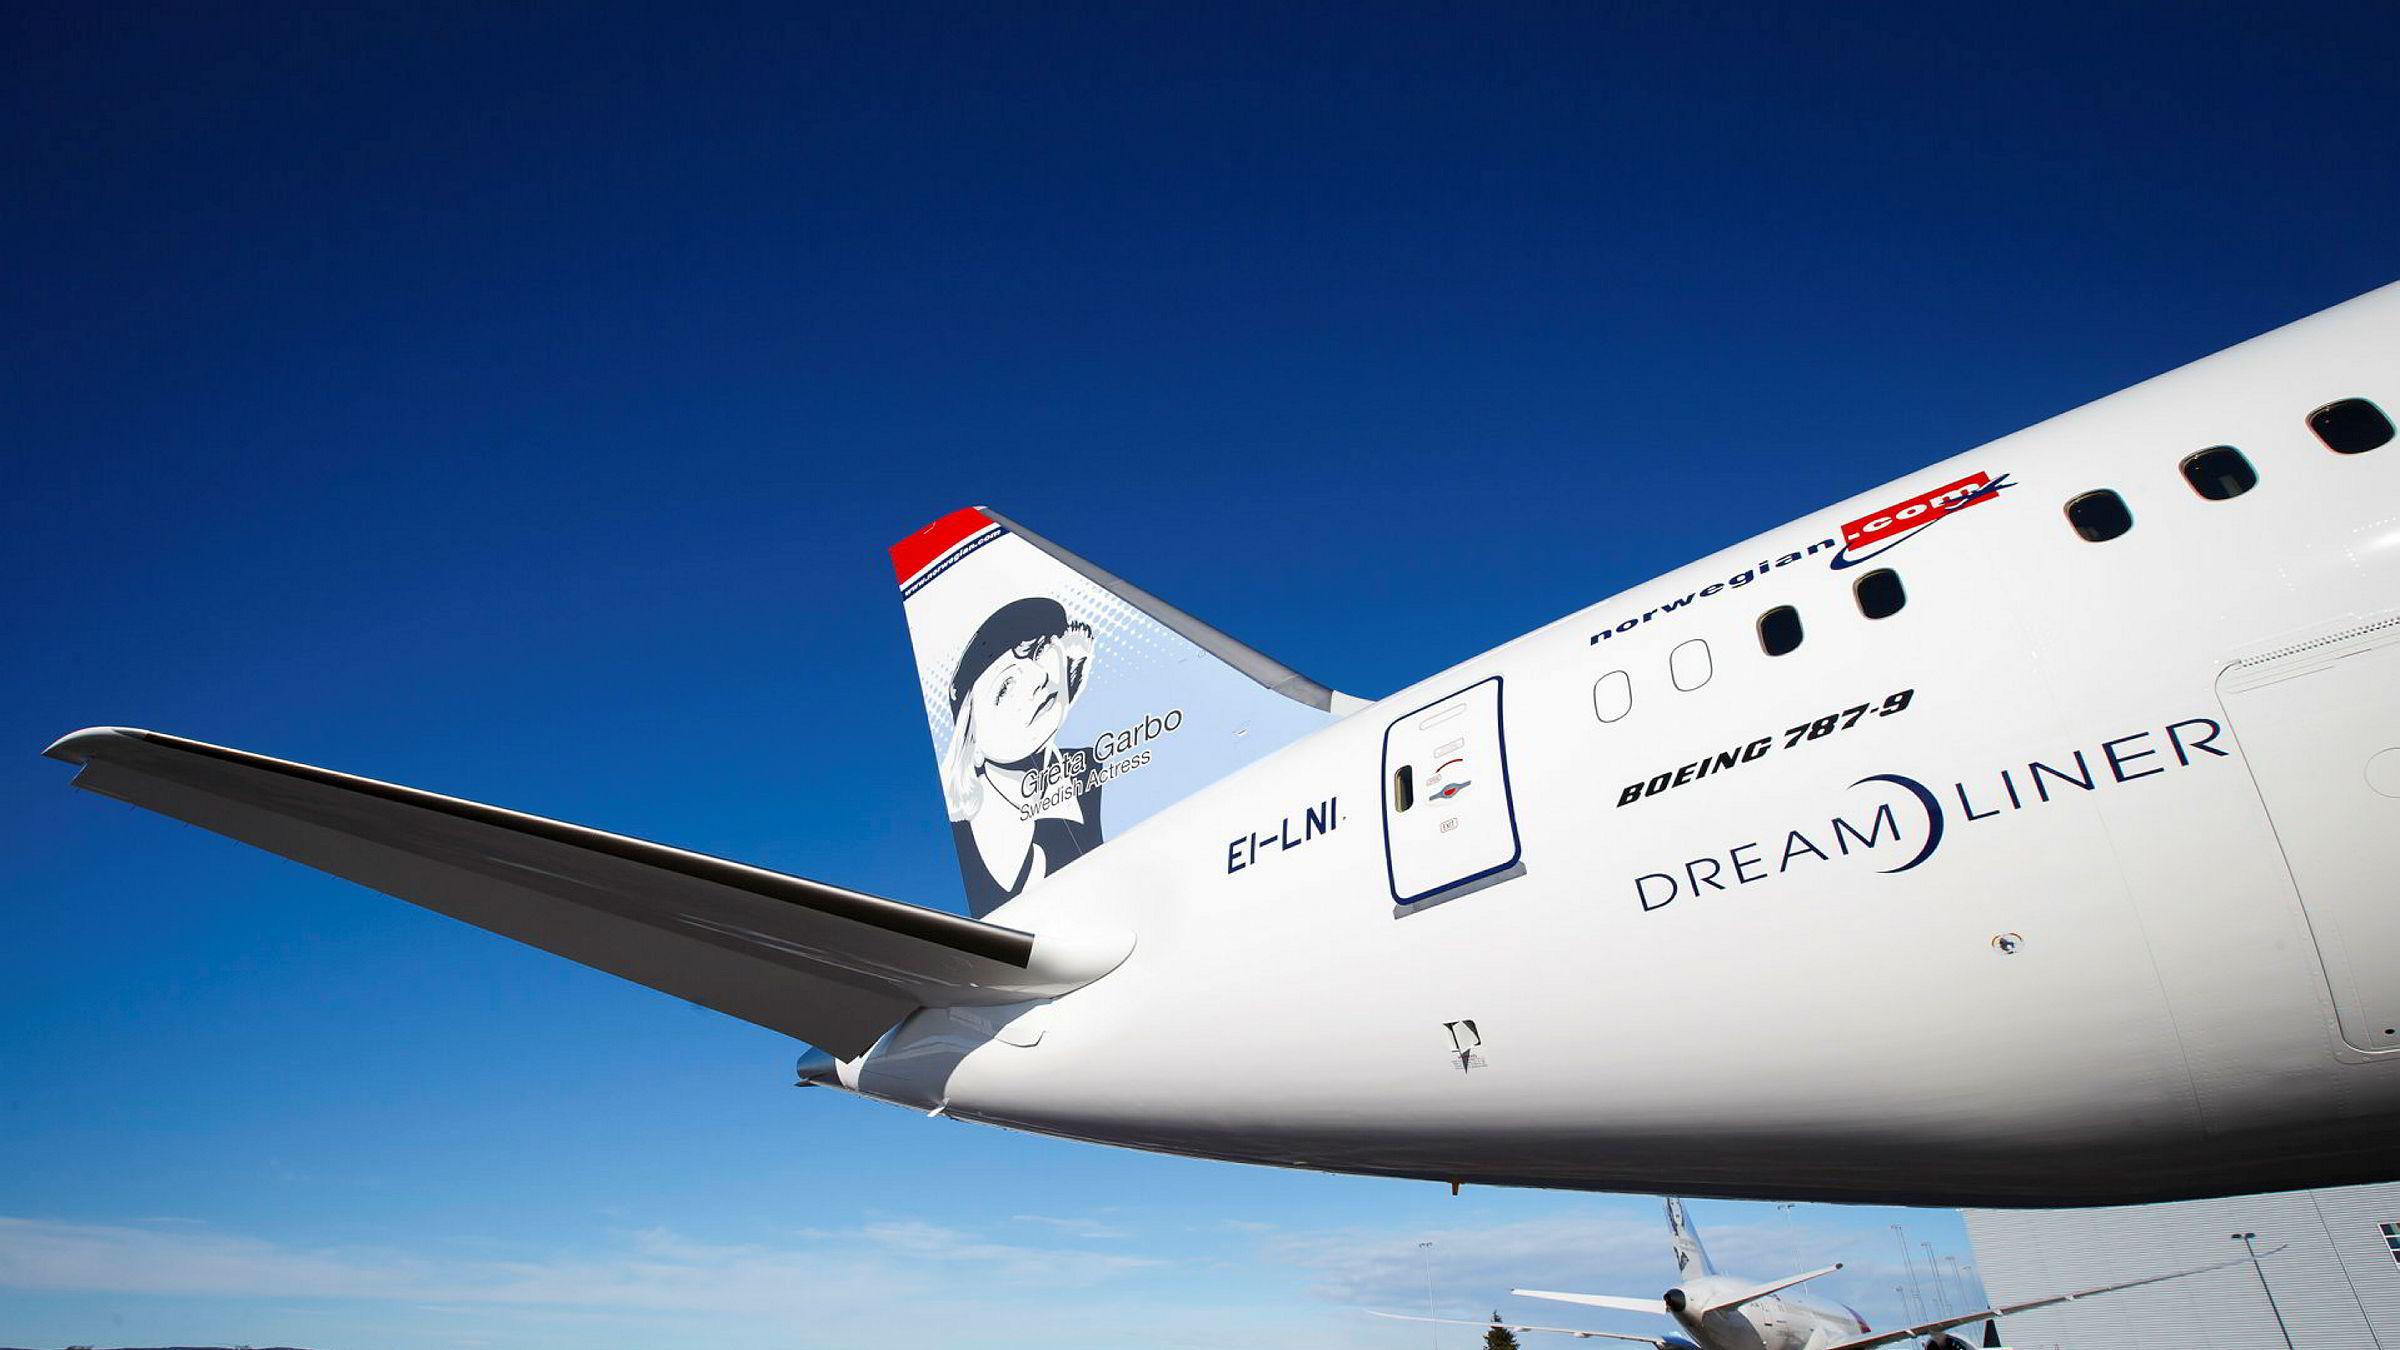 Det gikk raskt, da Norwegians ene Dreamliner-fly var på vei fra New York til London, og fant en solid jetstrøm.